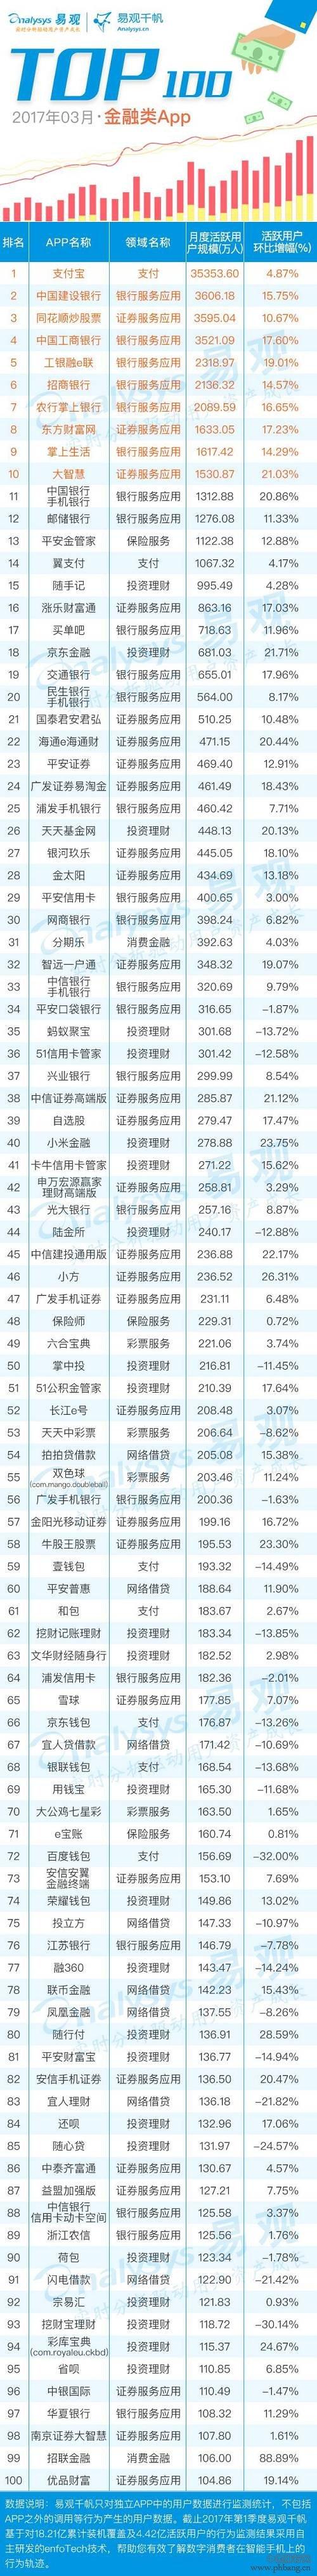 2017金融App TOP100排行榜出炉